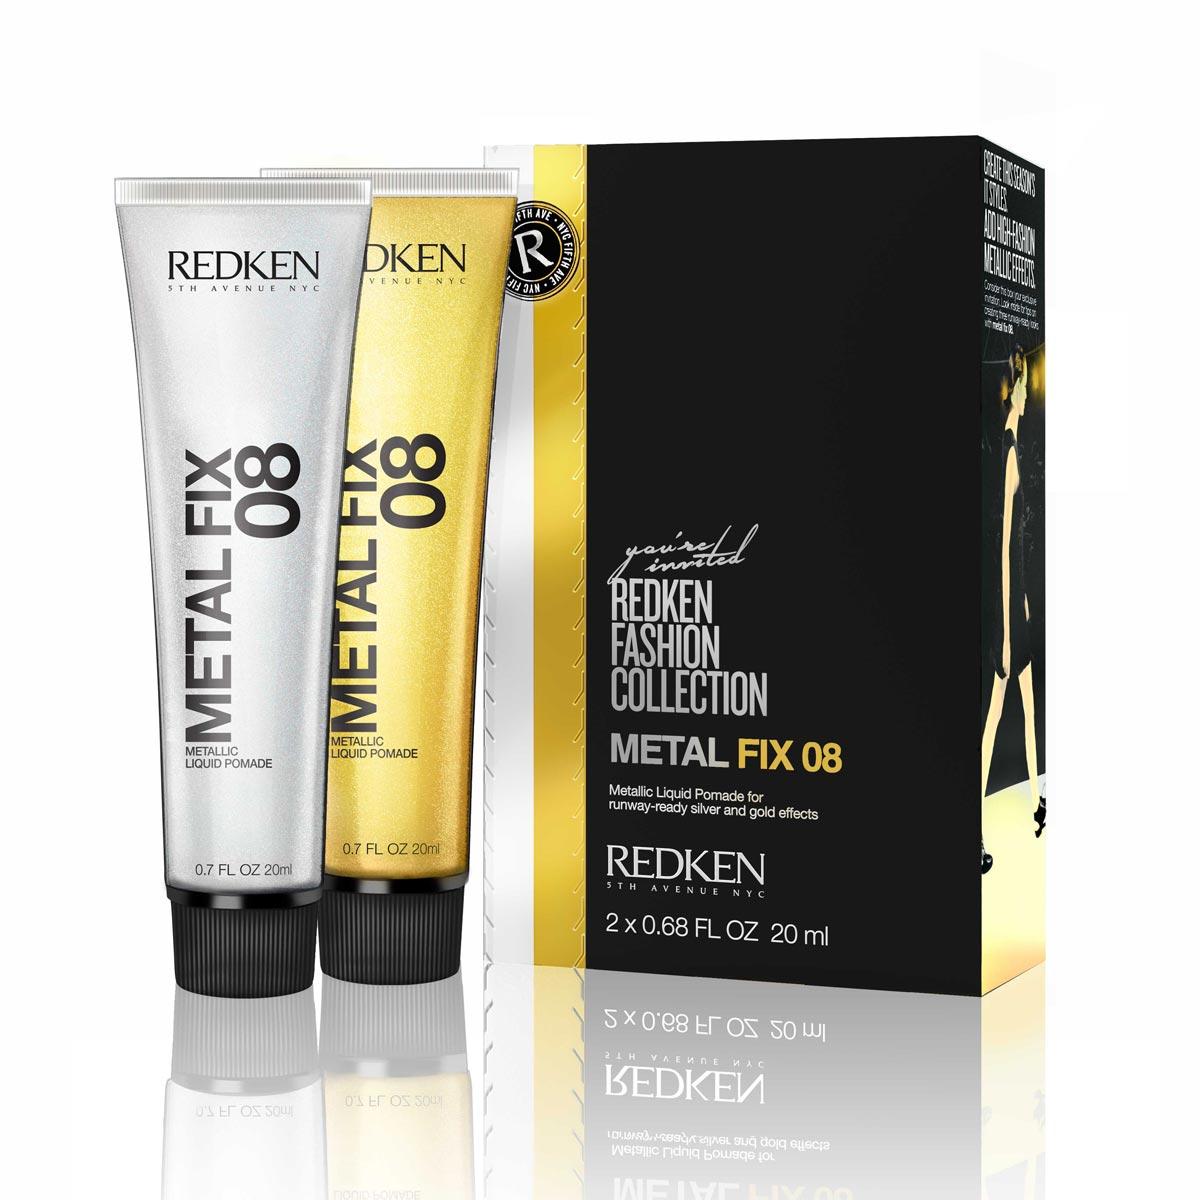 Zlato a striebro do vlasov dodá pomáda, čiže gél na vlasy od Redken. Metal Fix 08 kúpite v salónoch Redken za cenu 19 €.